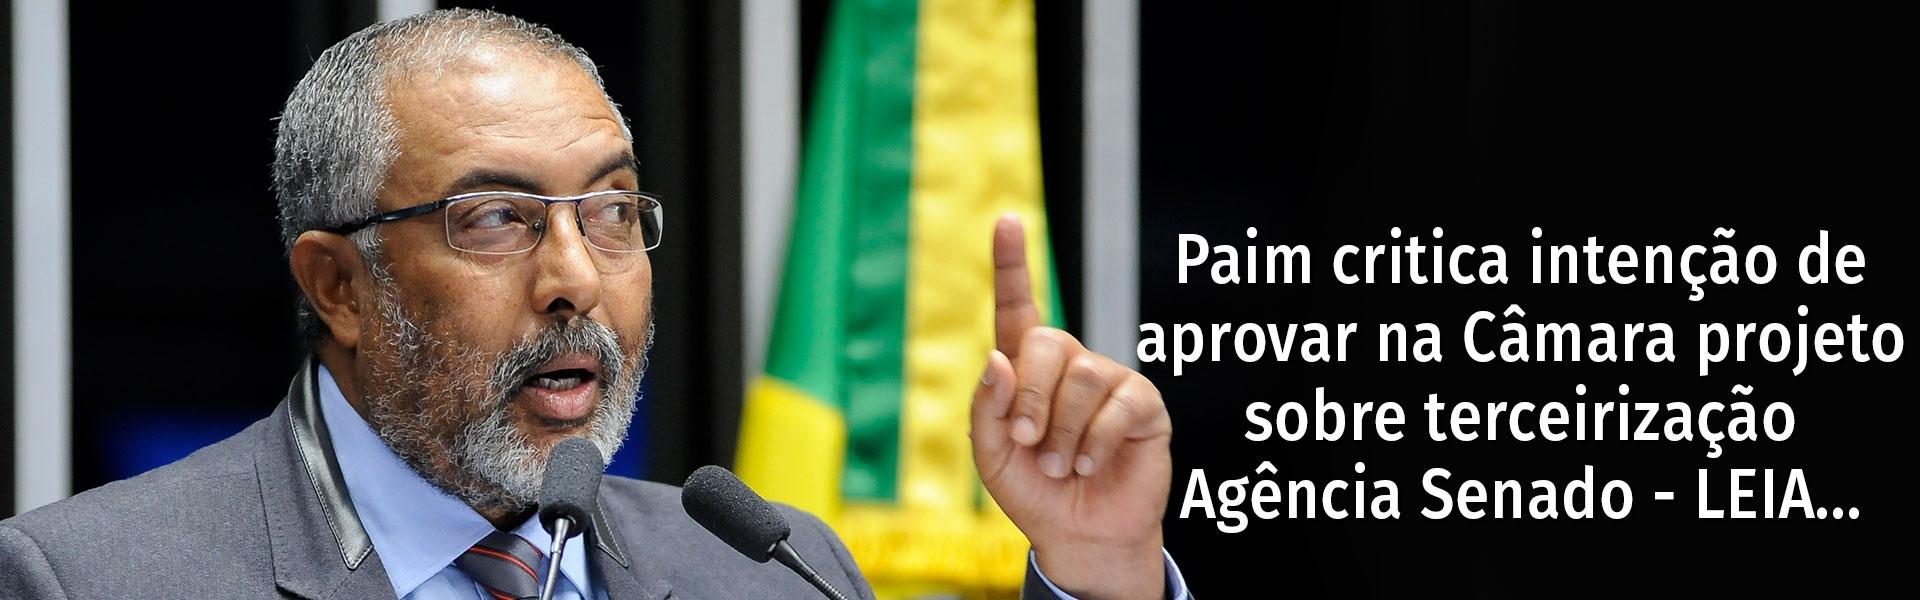 Paim critica intenção de aprovar na Câmara projeto sobre terceirização - Agência Senado